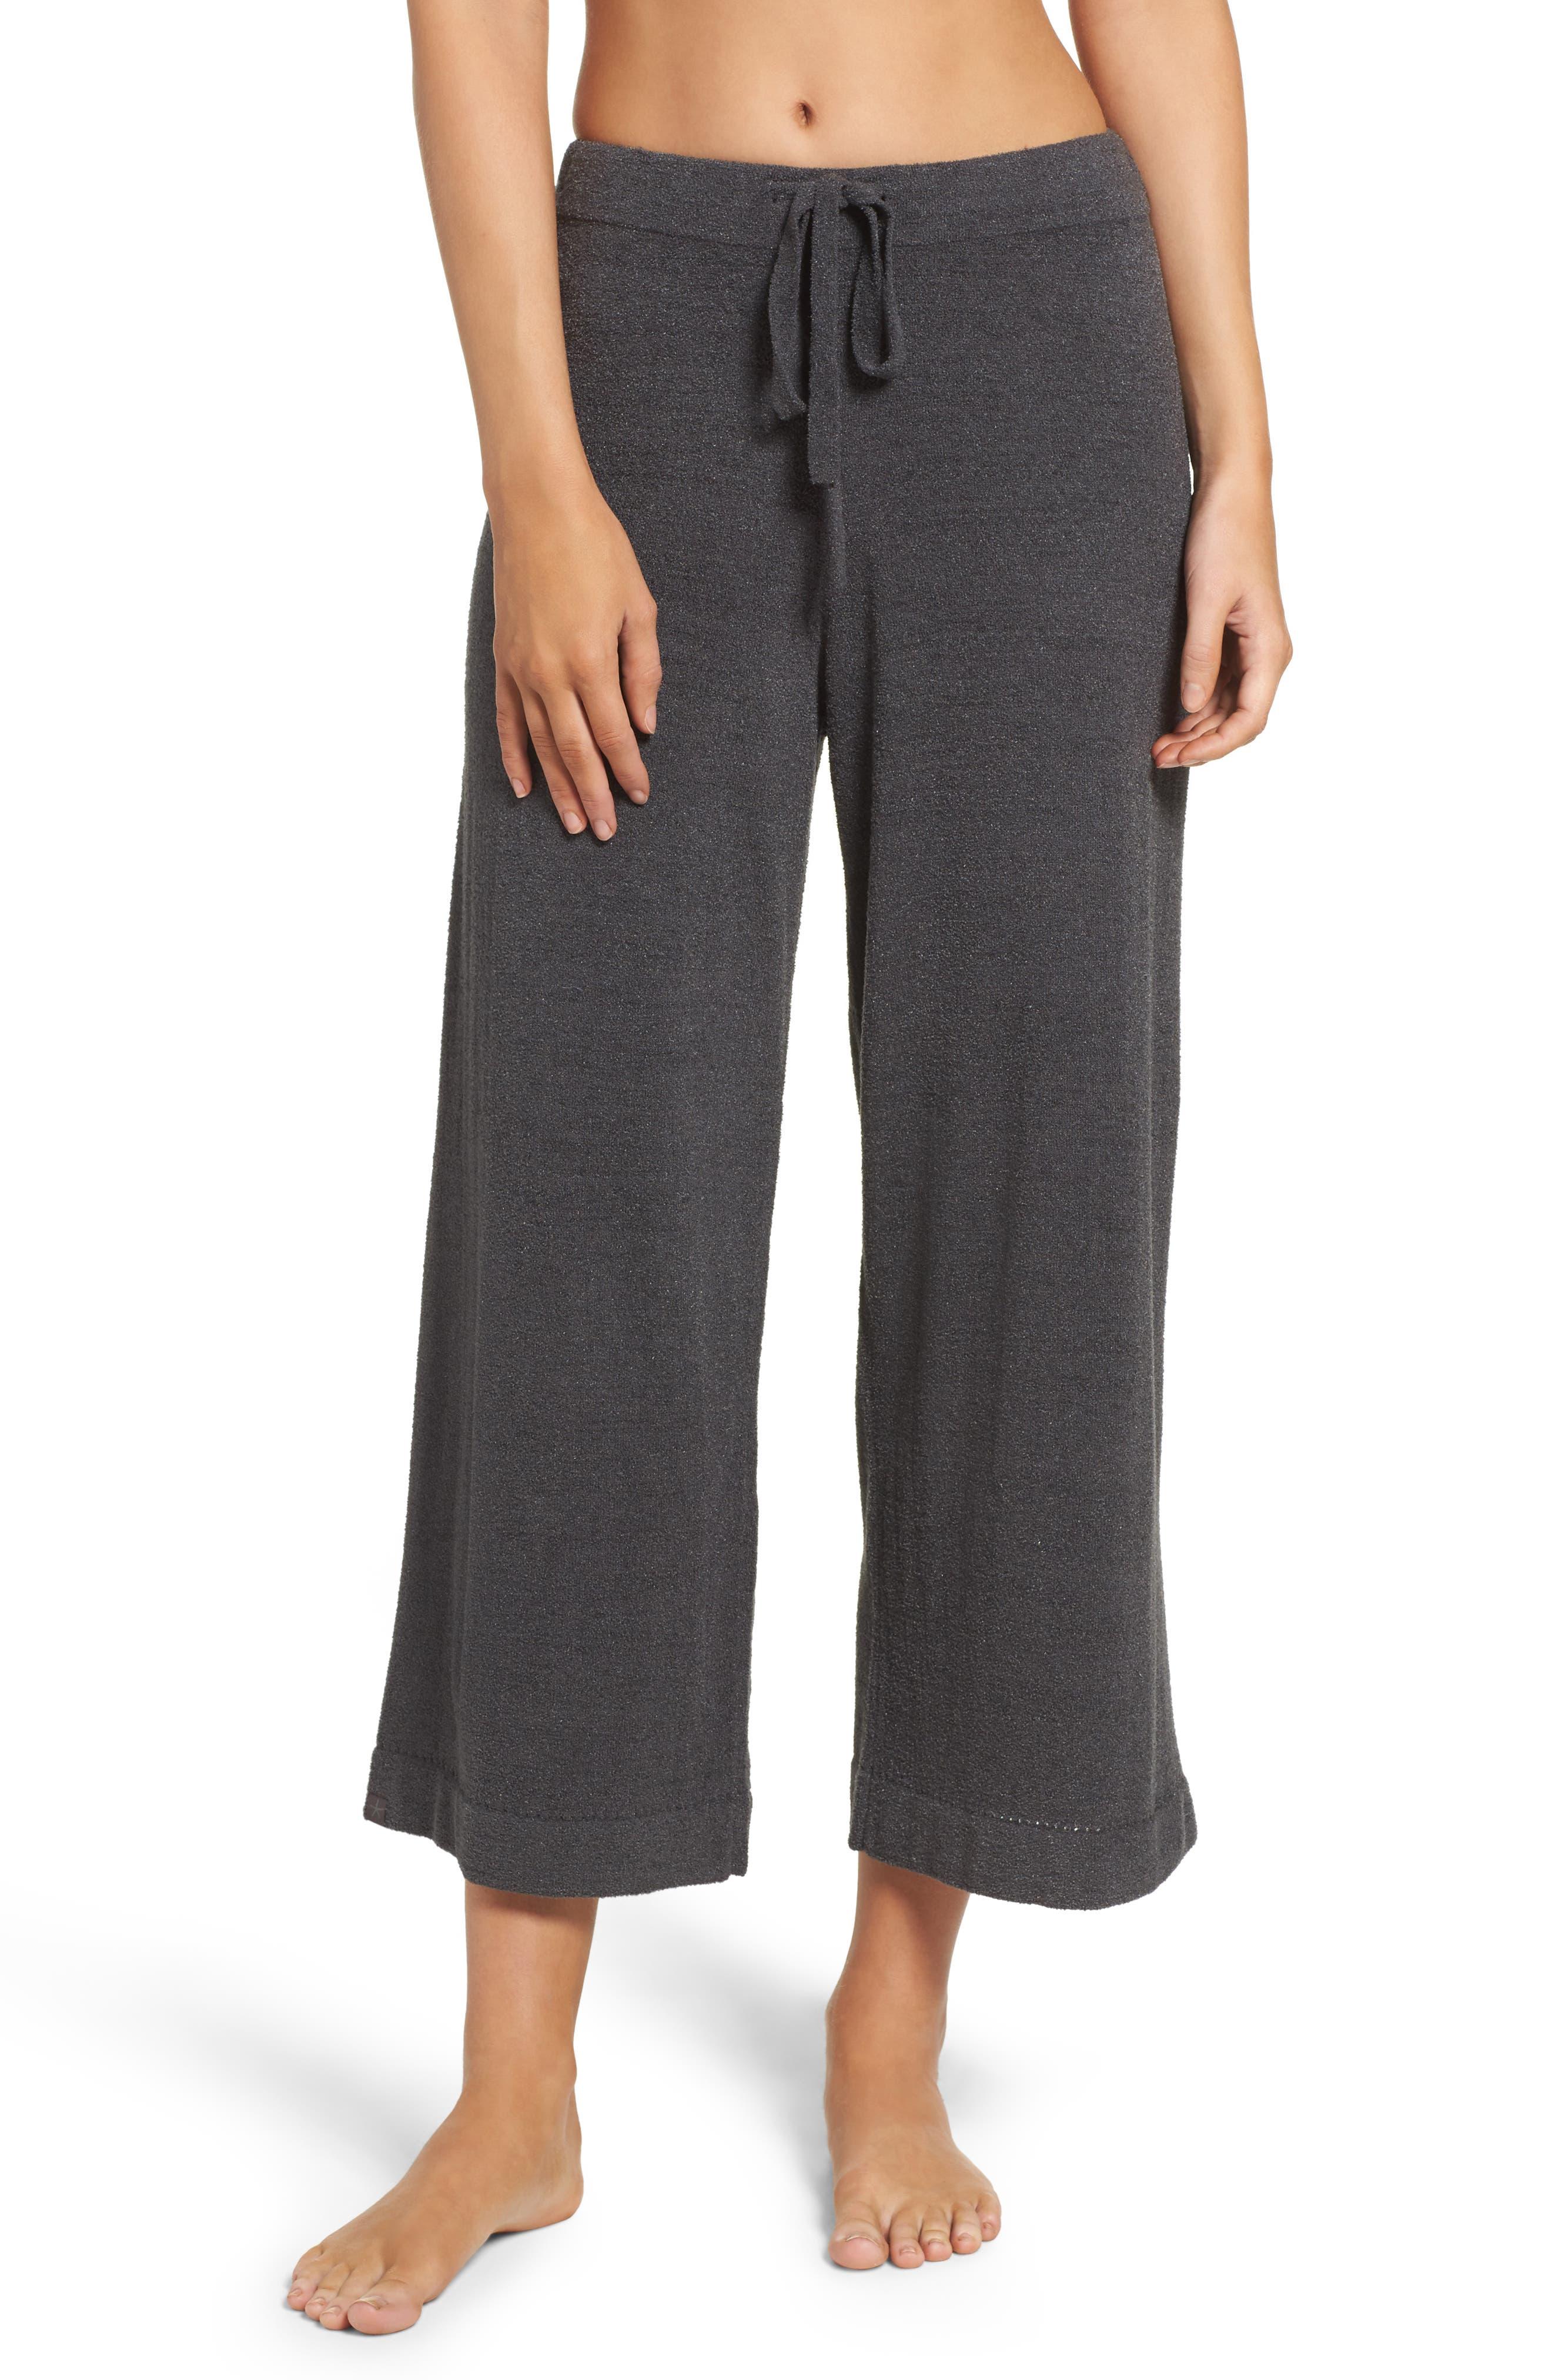 Cozychic Ultra Lite<sup>®</sup> Culotte Lounge Pants,                             Main thumbnail 1, color,                             CARBON